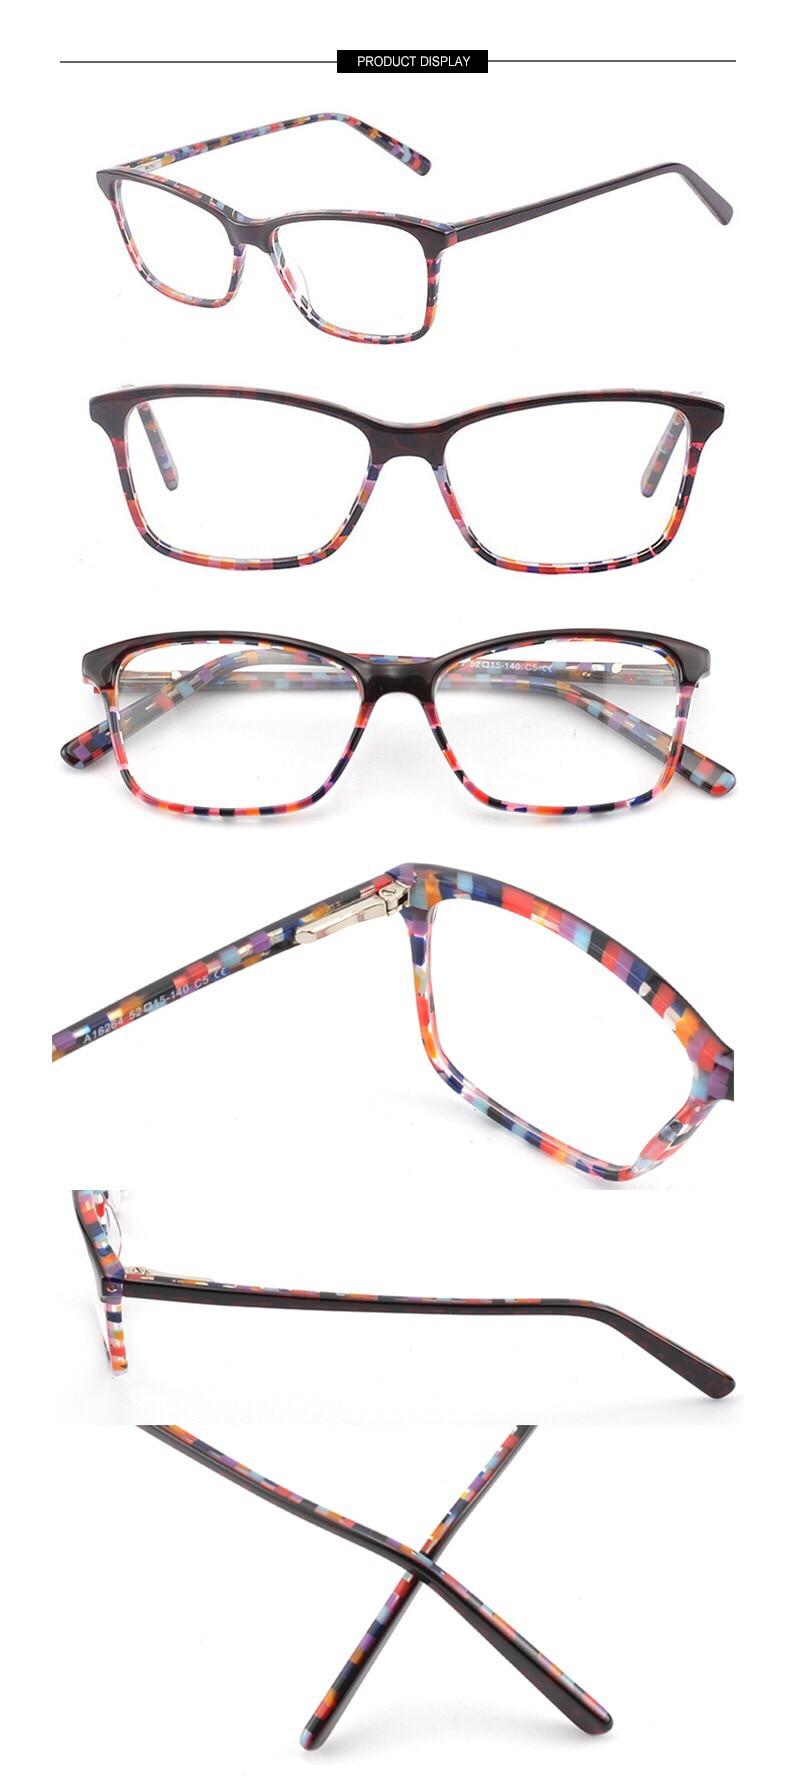 Kirka Optical Glasses Women Eyeglass Frames Spectacle Frames For Women Leopard Print Prescription Glasses Frame